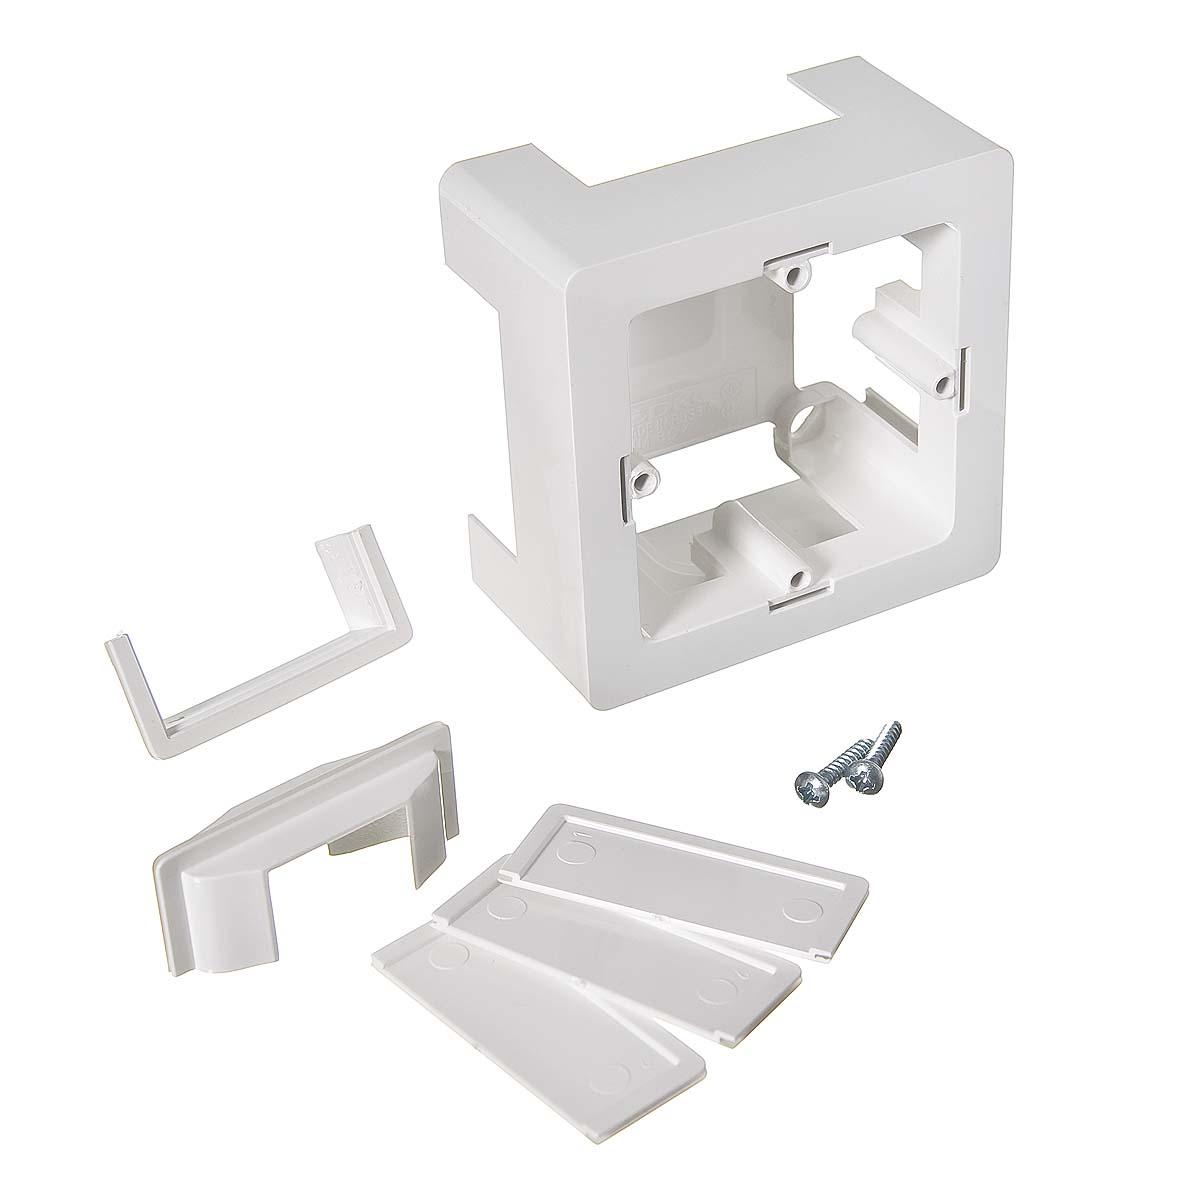 Коробка монтажная для кабель-каналов ДКС универсальная, 2 модуля белая, Viva (монтируется с рамкой)